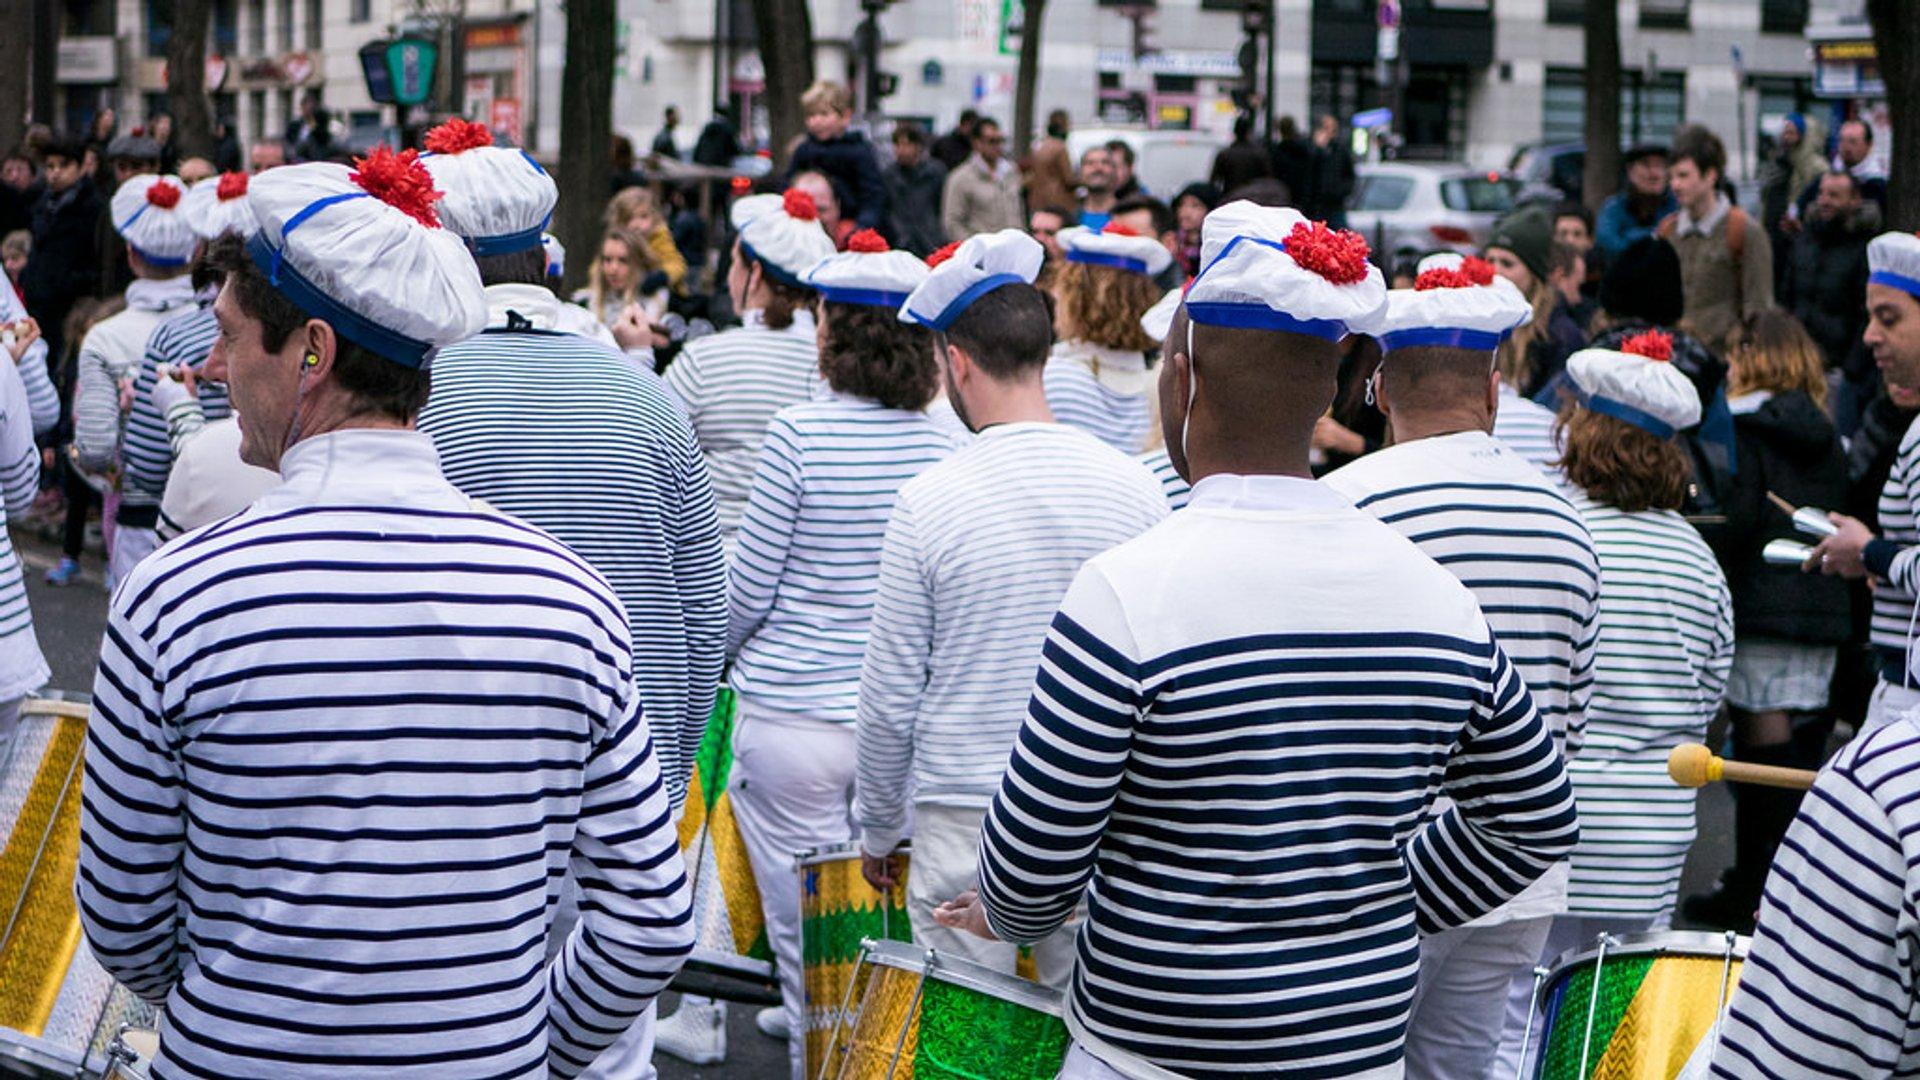 Best time for Carnaval de Paris and Carnaval des Femmes in Paris 2019